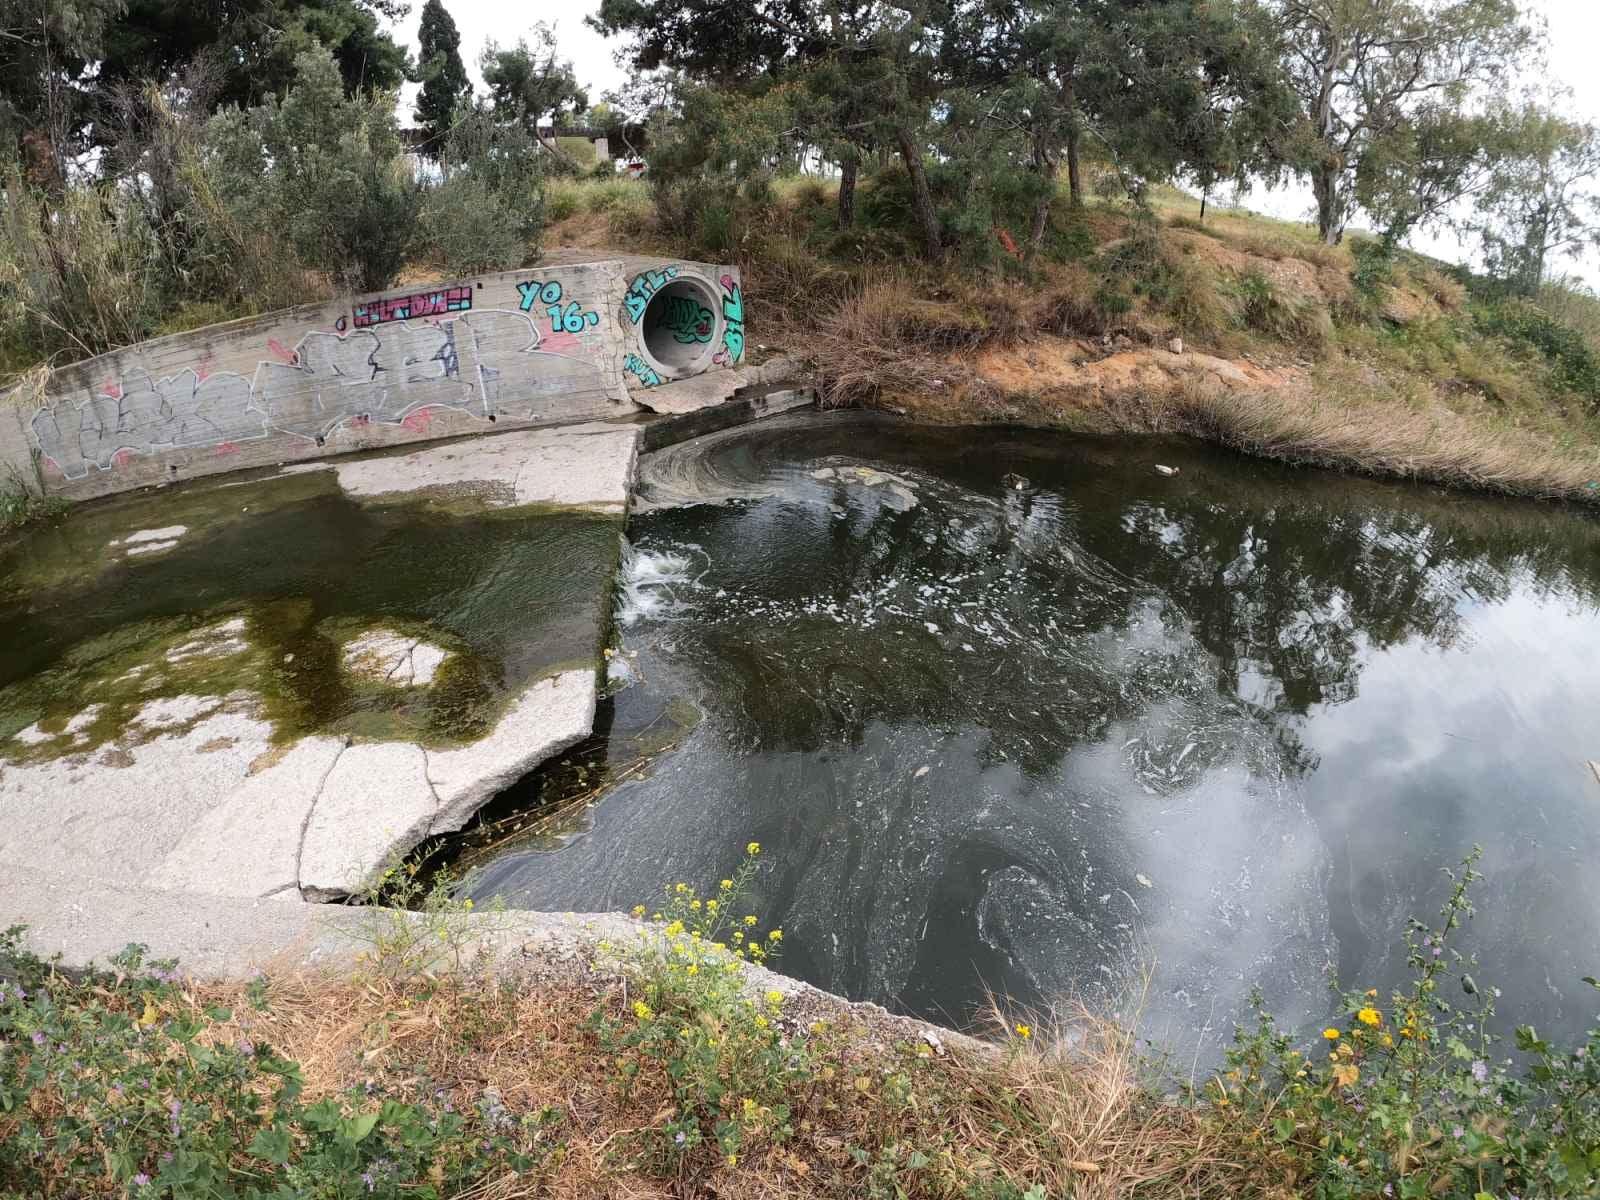 Μήνυση από τον δήμαρχο Αλίμου για περιβαλλοντολογική καταστροφή